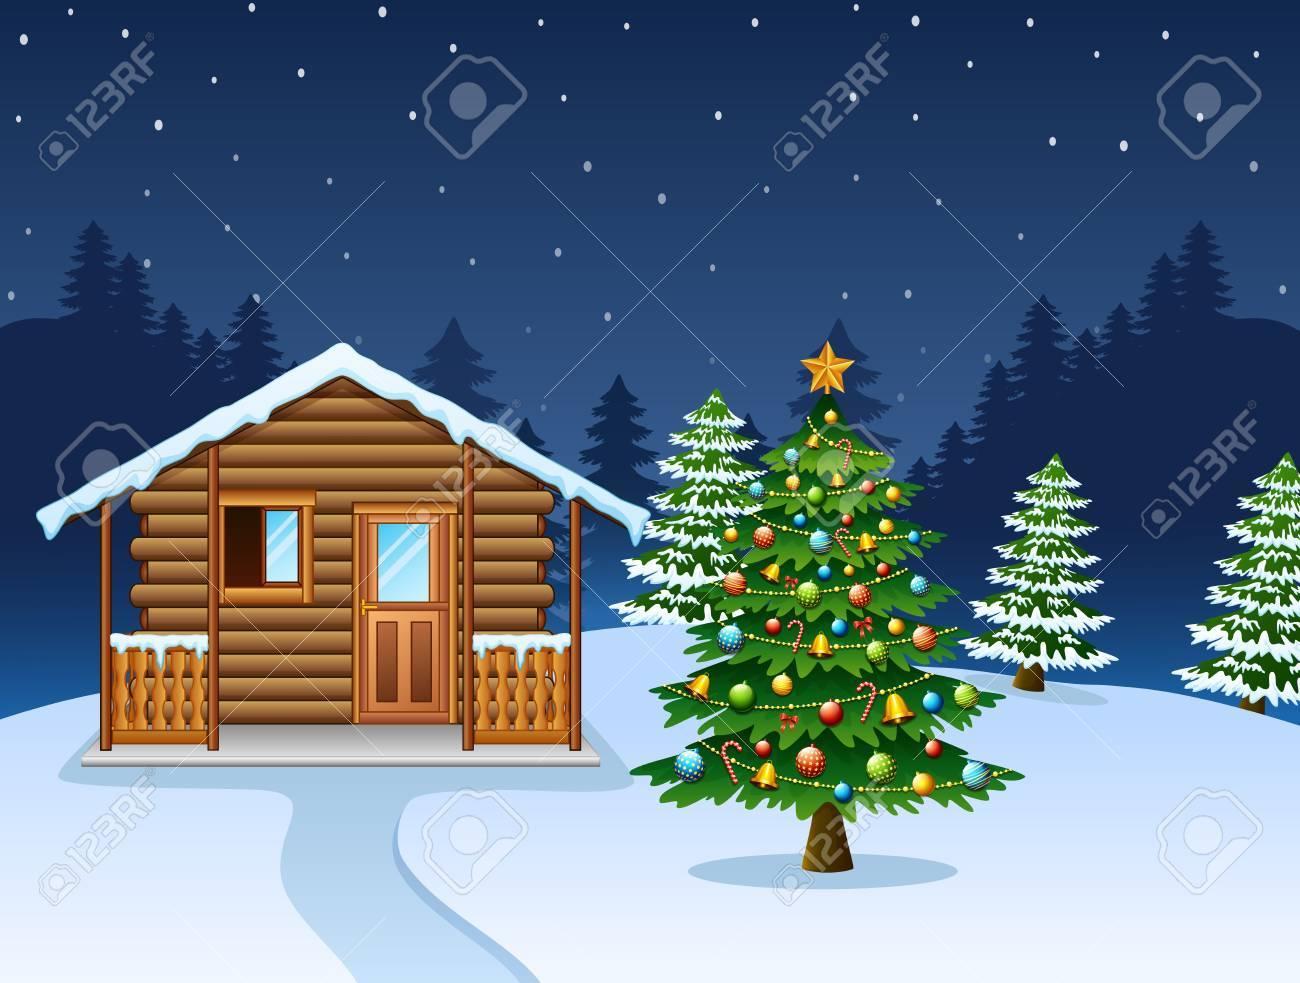 Weihnachten Nacht Szene Mit Einer Verschneiten Holzhaus Und ...